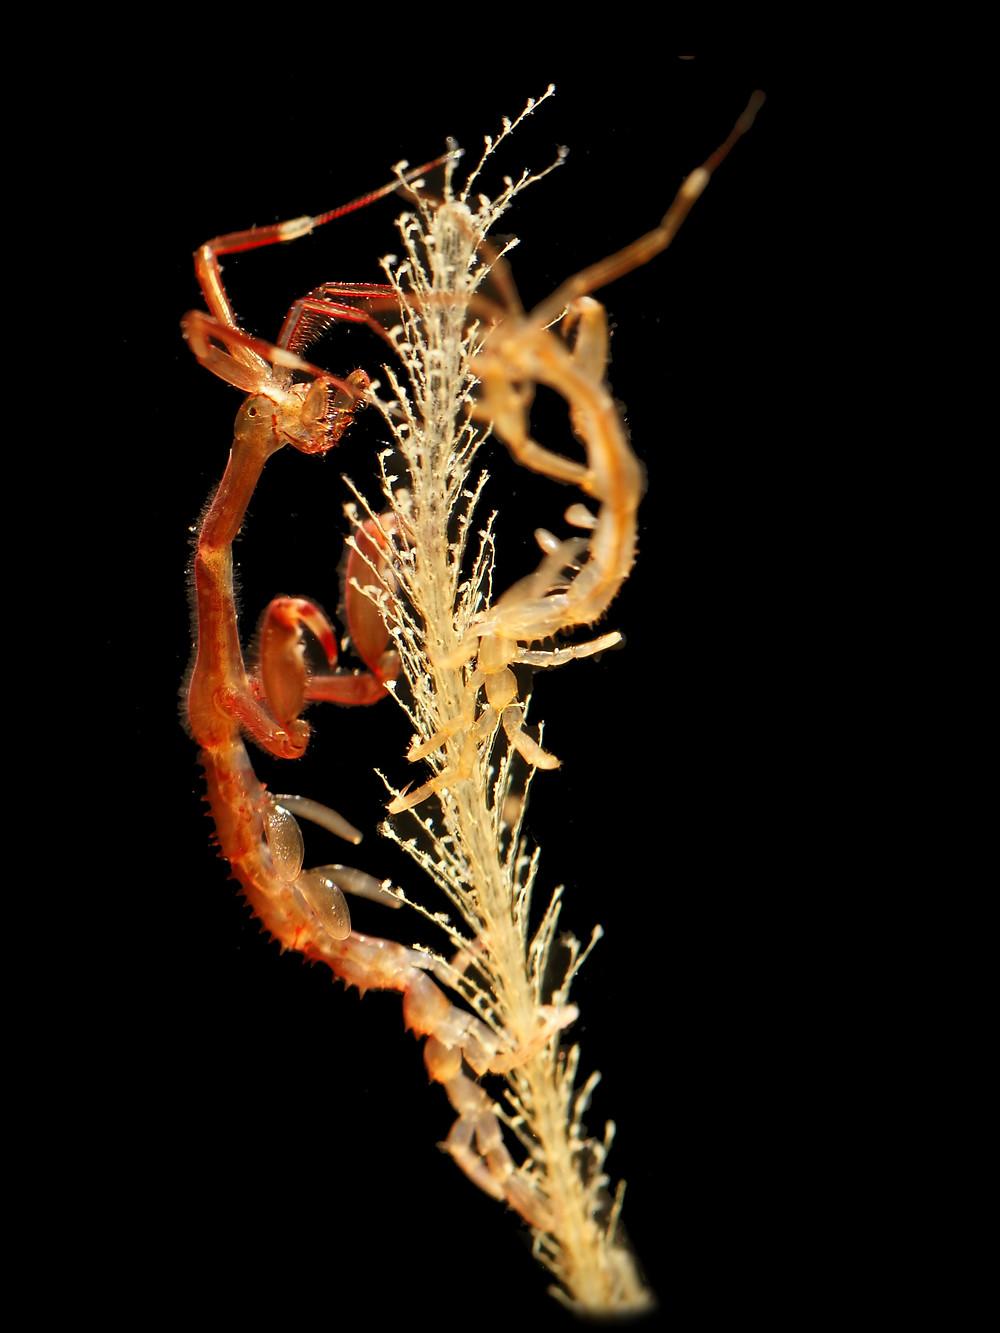 A caprellid (Caprella mutica) on a hydroid colony.